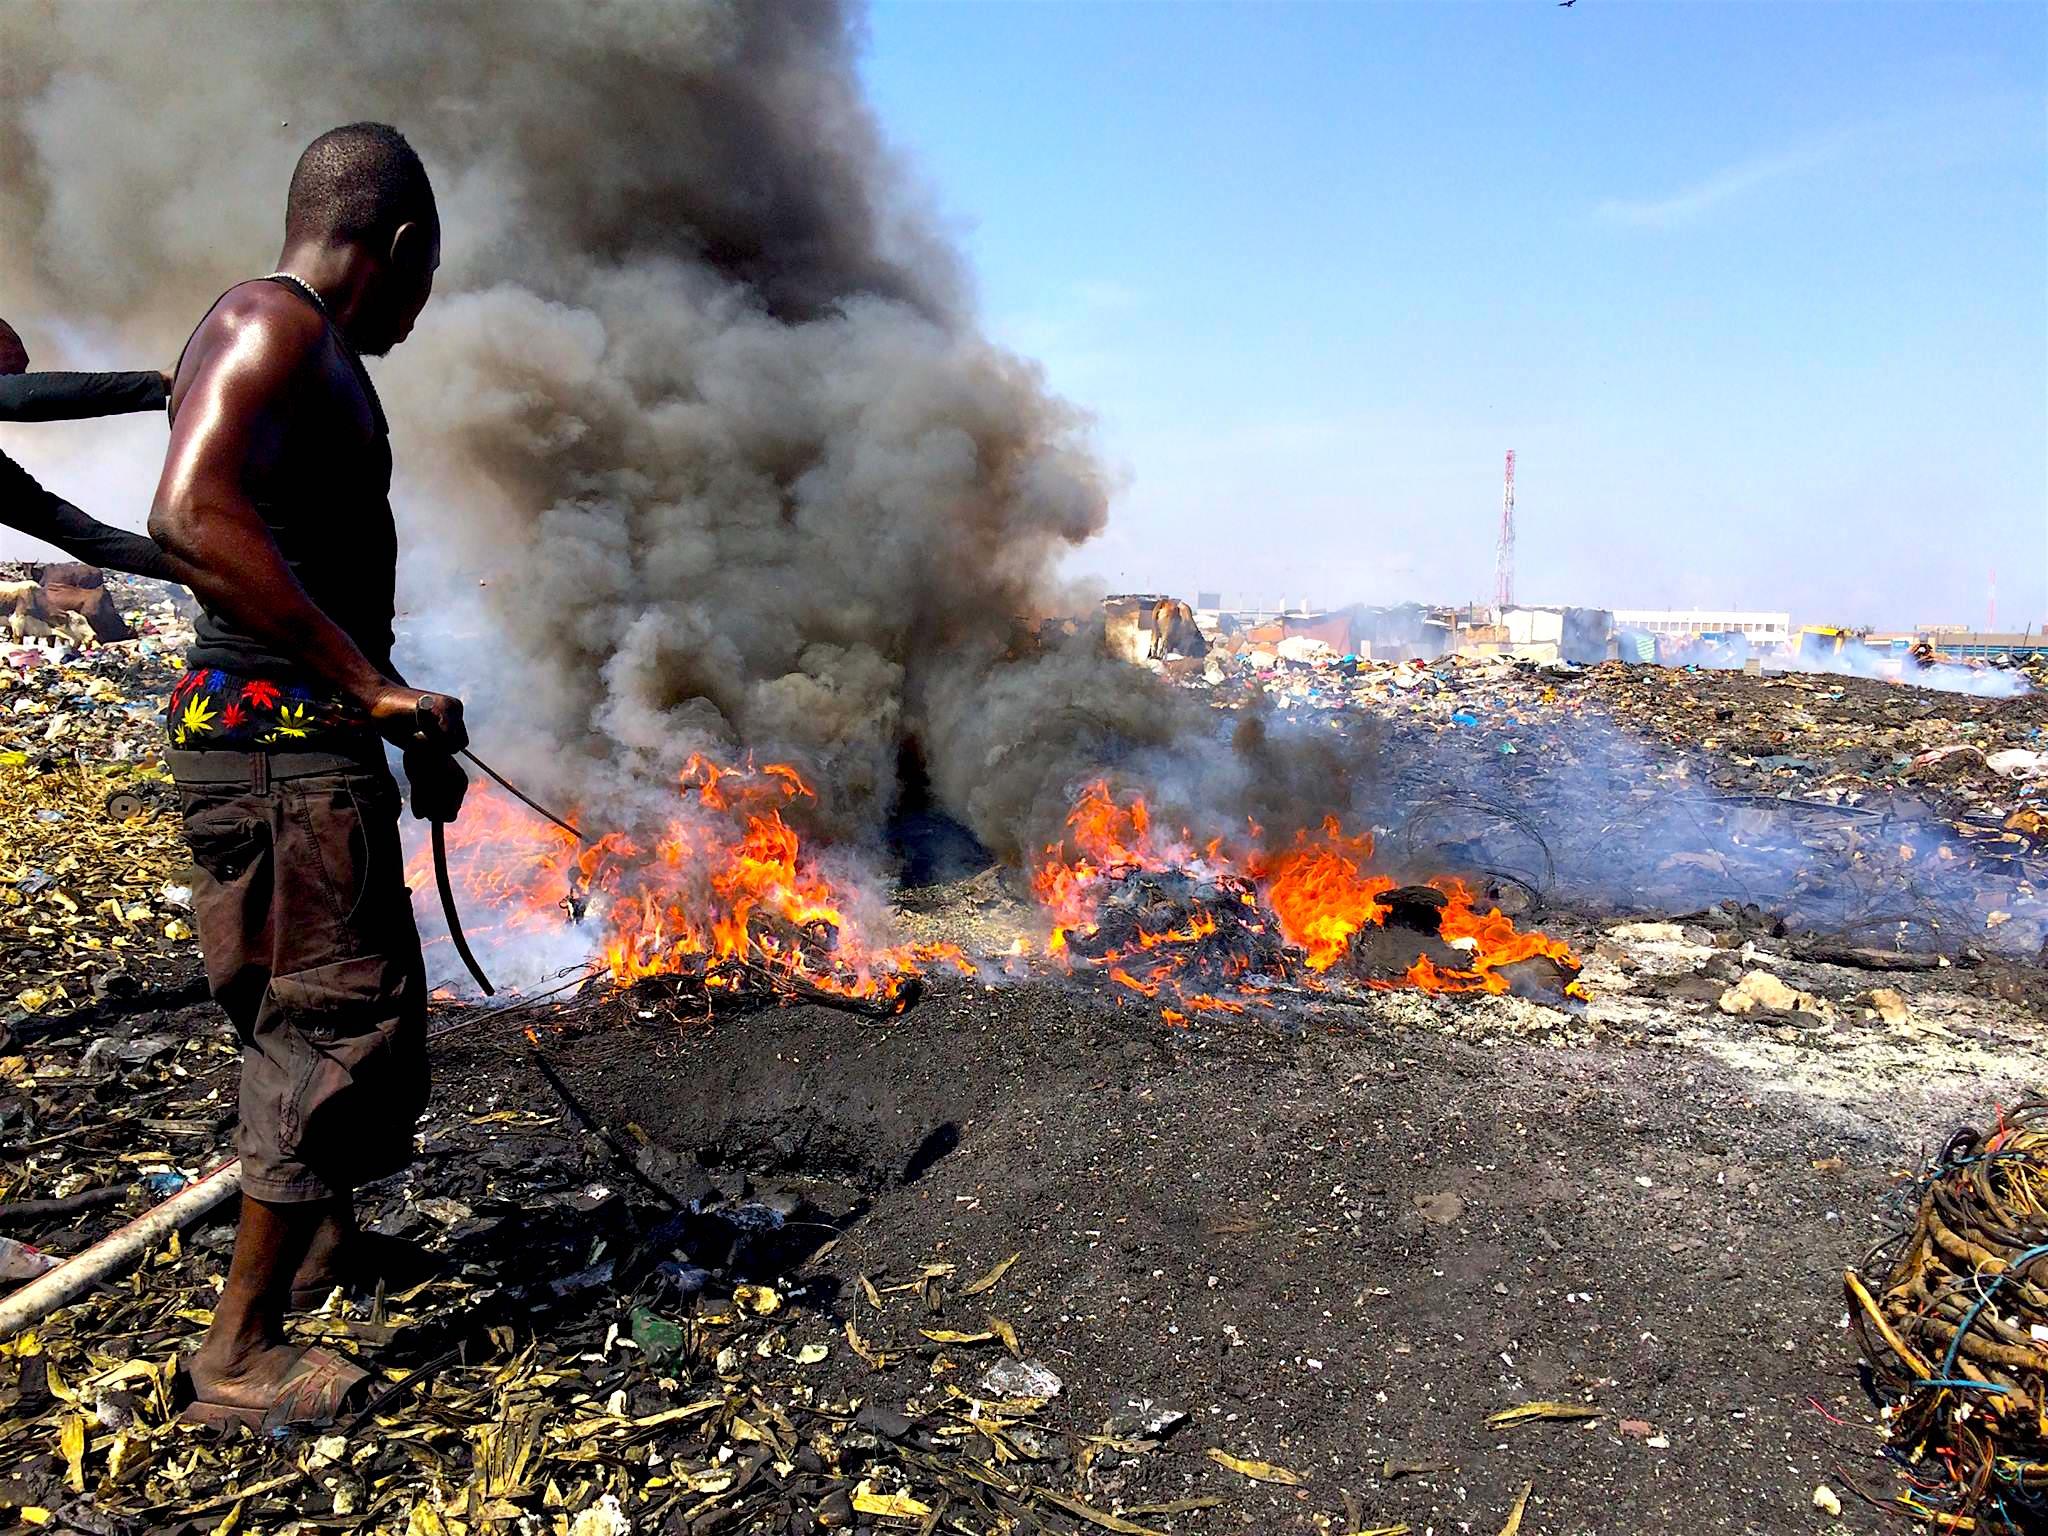 Afbrændingen sker under sundhedsskadelige forhold, hvor de lokale arbejder uden sikkerhedsudstyr og indånder de giftige gasser frade brændende materialer. Folk som arbejder i Agbogbloshie lider af konsekvenserne ved at være i det usunde miljø, men også borgere og naturen i det omkringliggende miljø er under stor risiko.